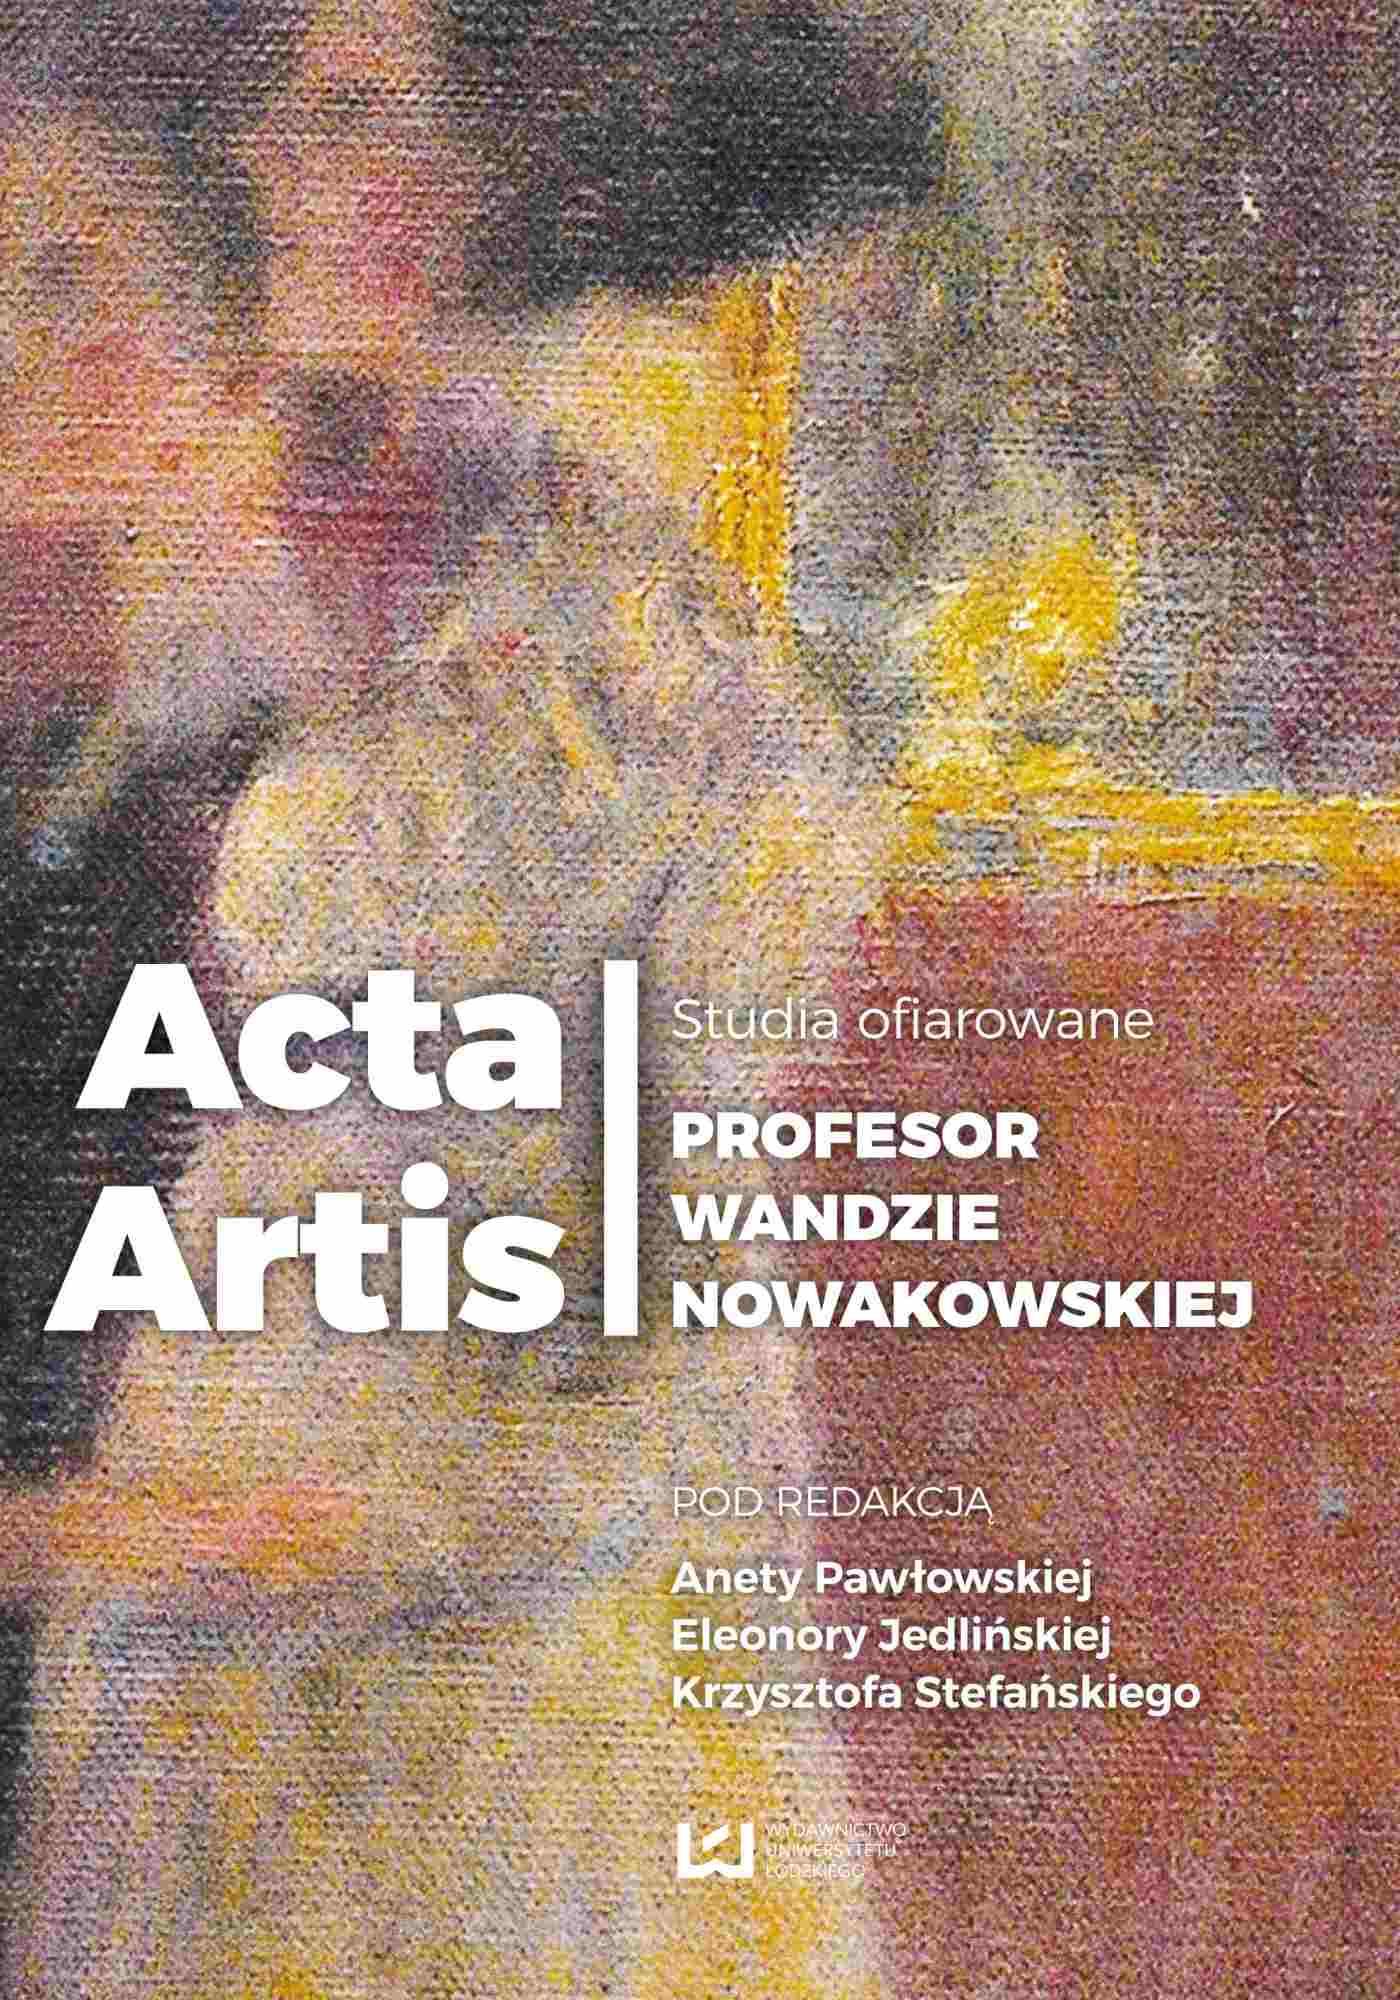 Acta Artis. Studia ofiarowane Profesor Wandzie Nowakowskiej - Ebook (Książka PDF) do pobrania w formacie PDF